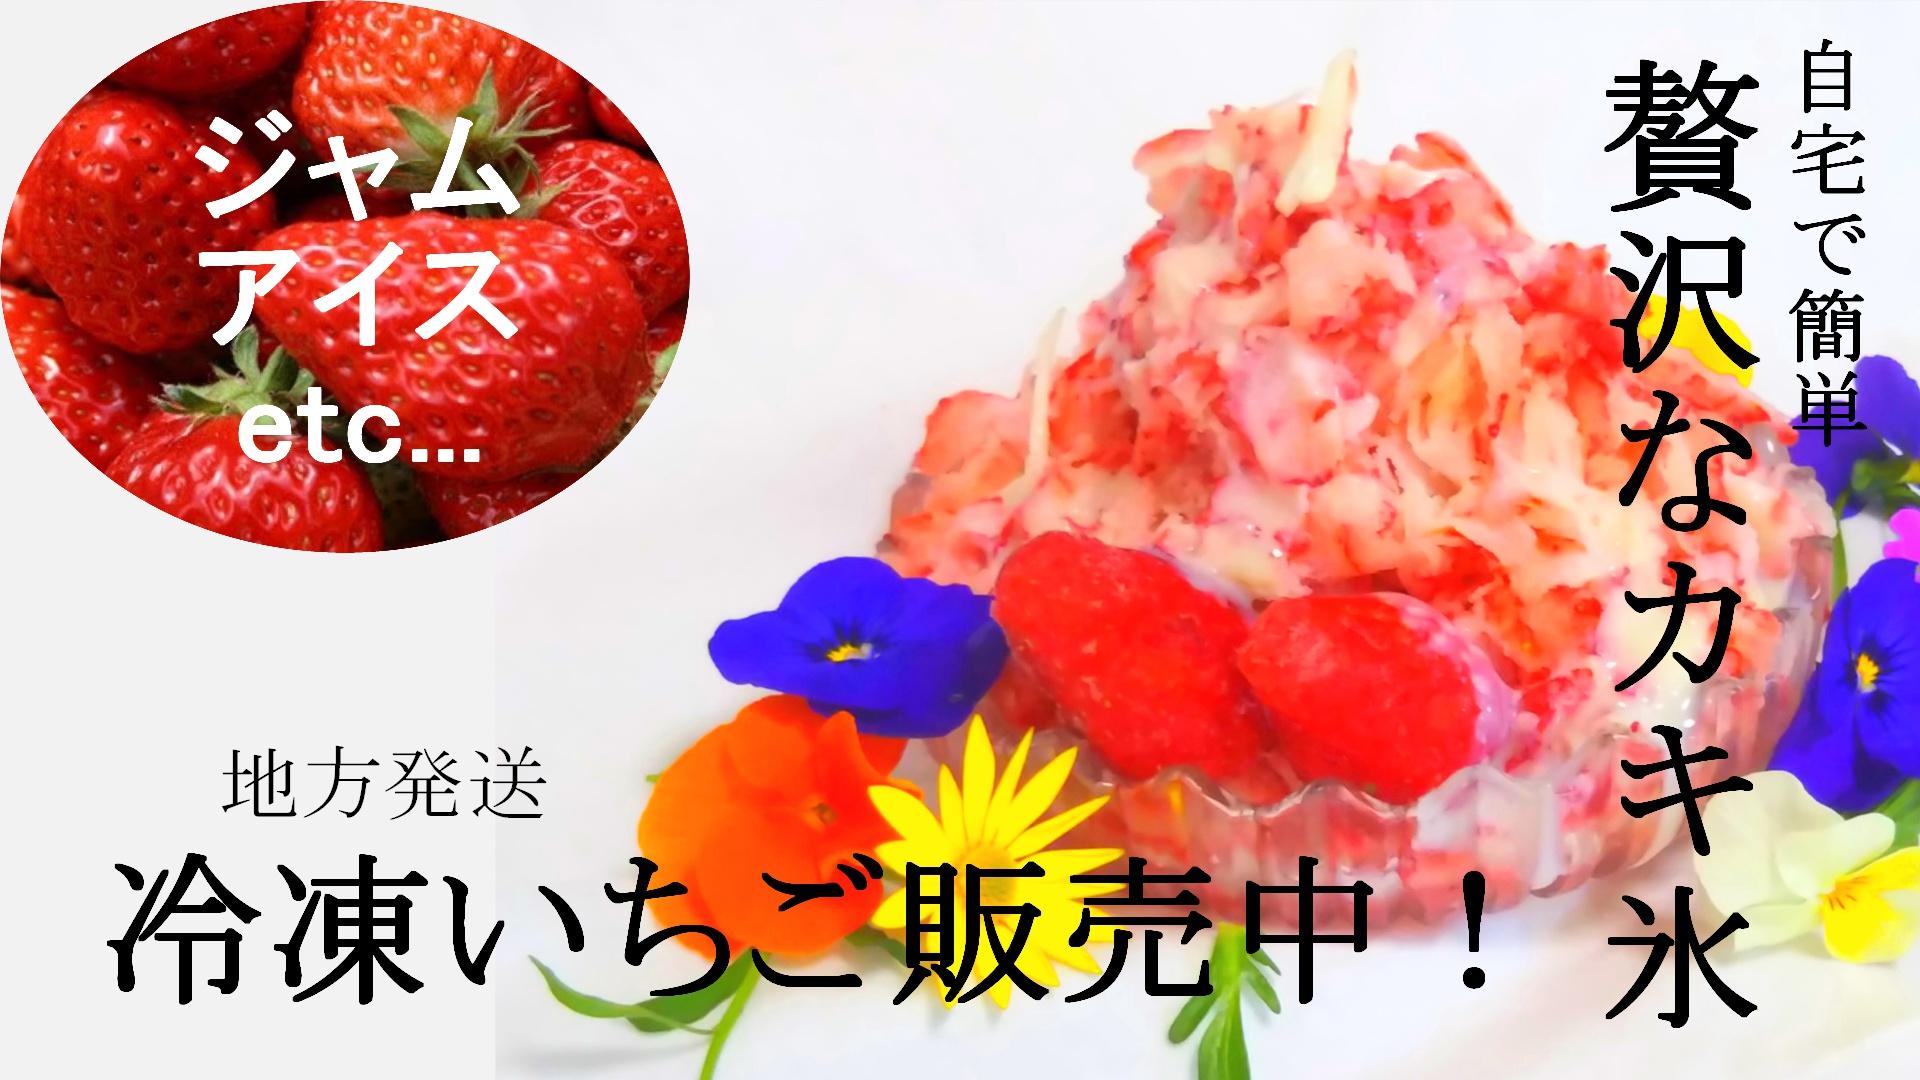 冷凍いちご販売中!!